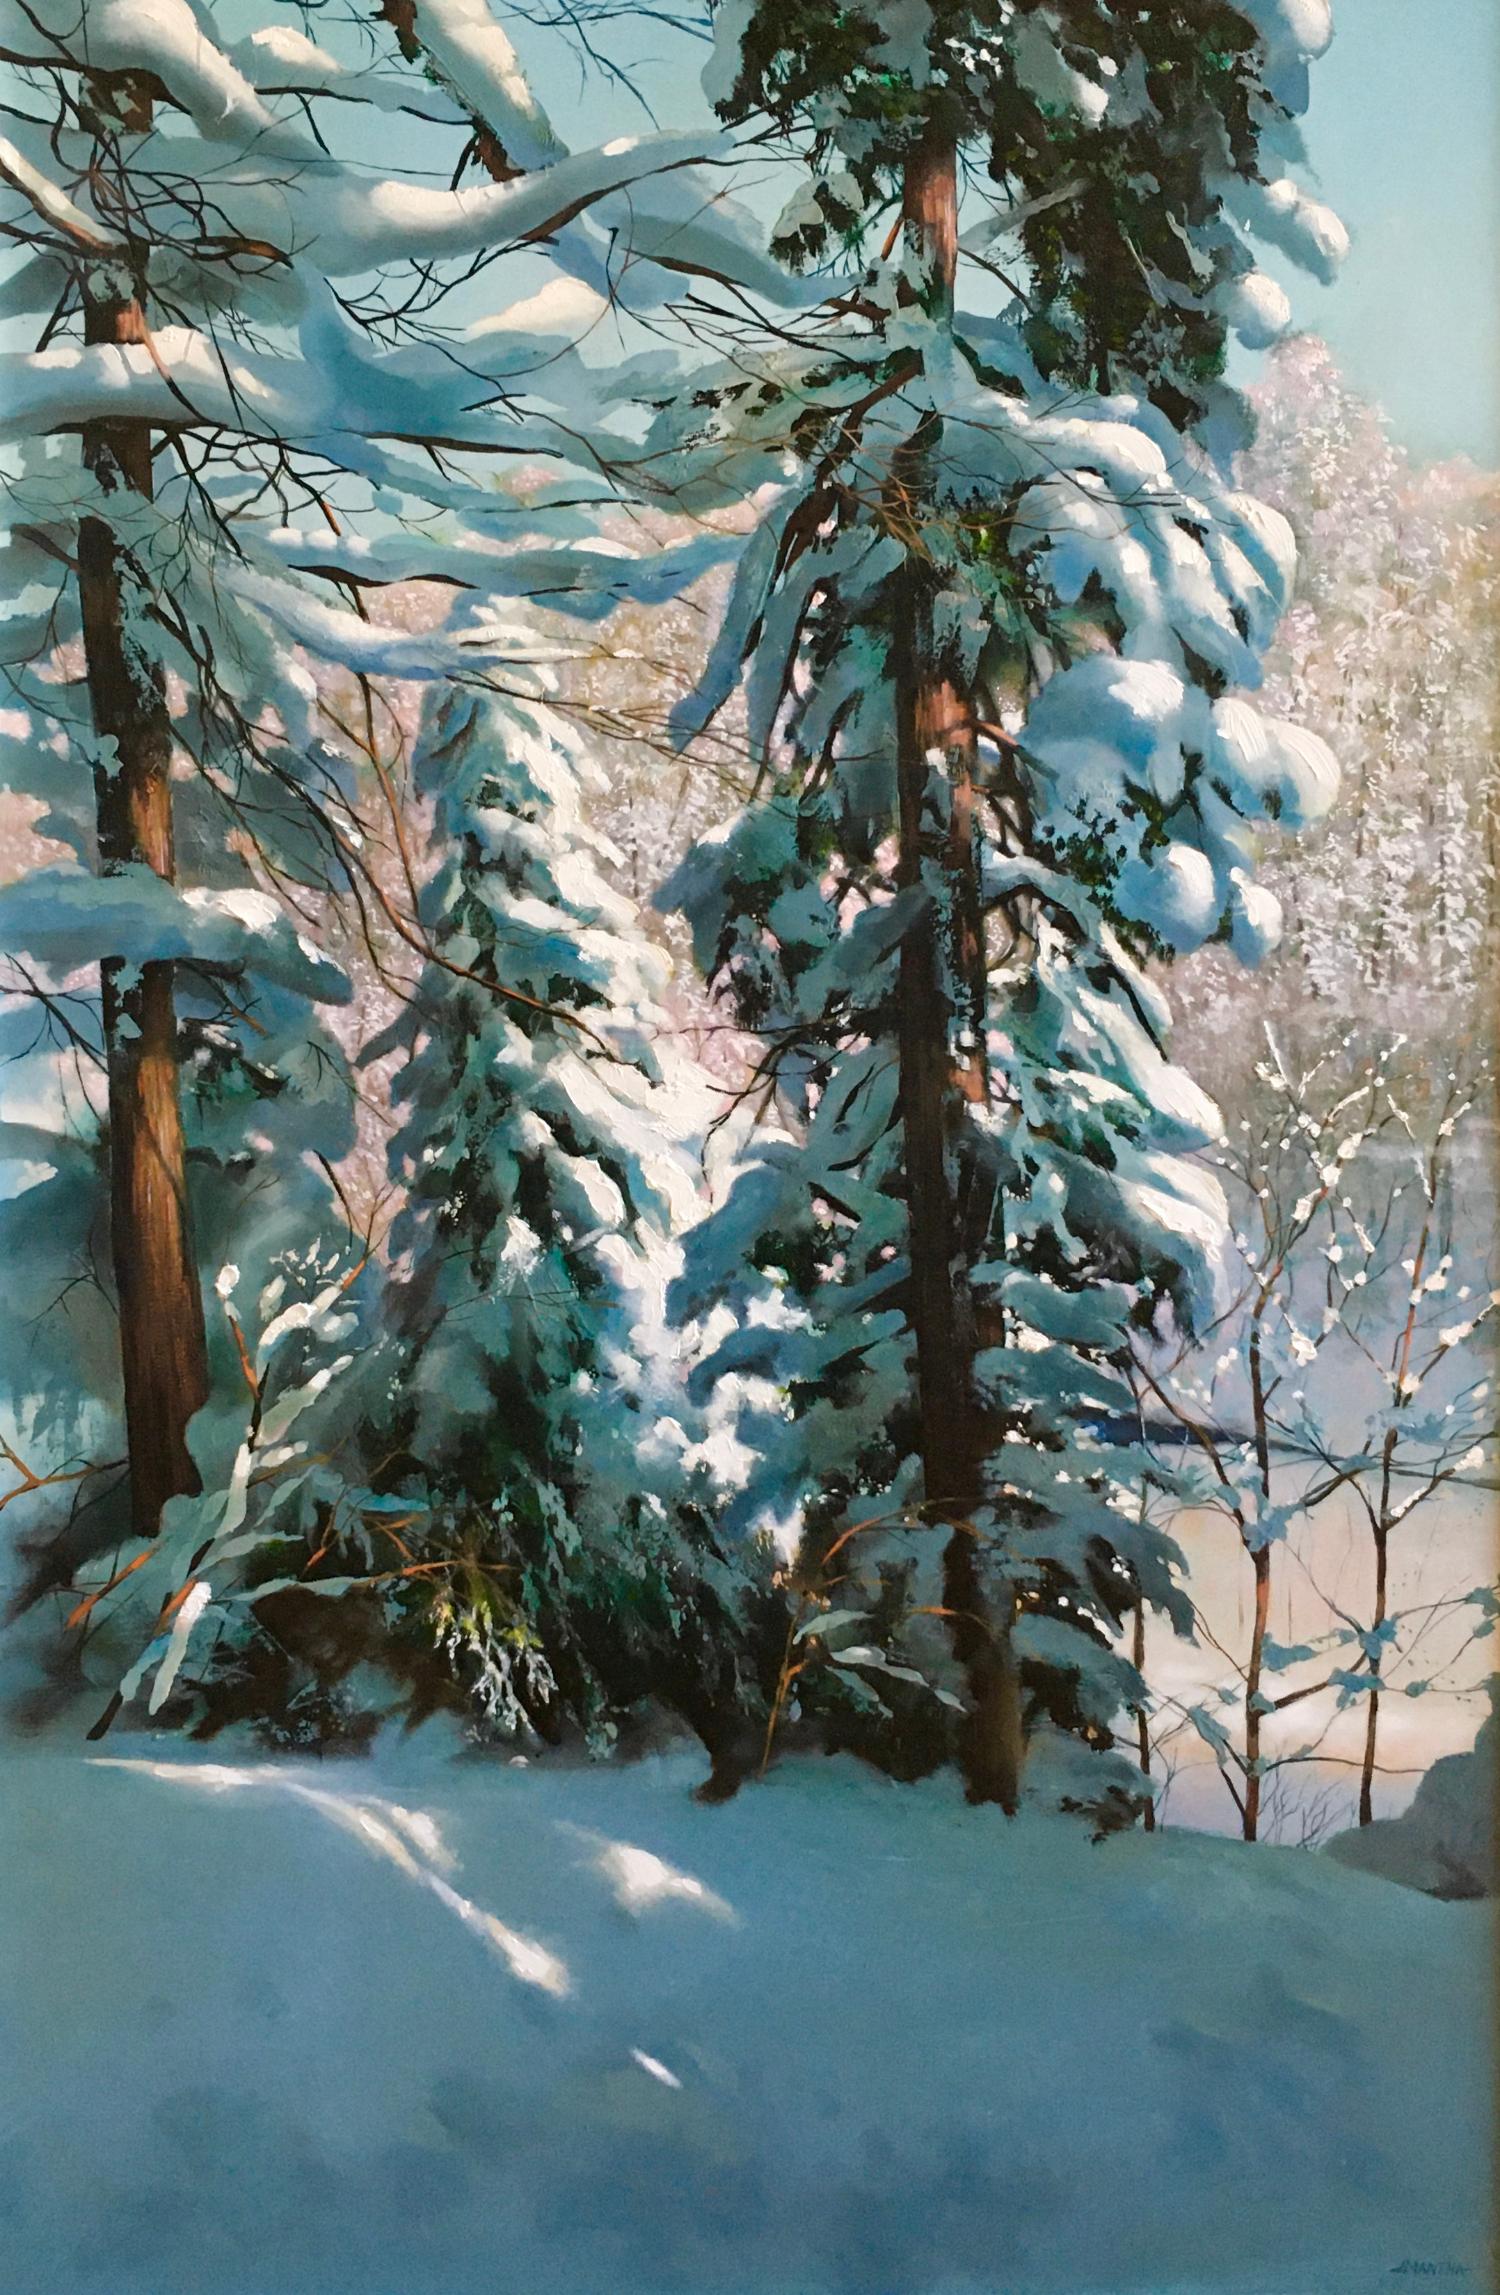 Hiawatha winter 2 q3fiqu